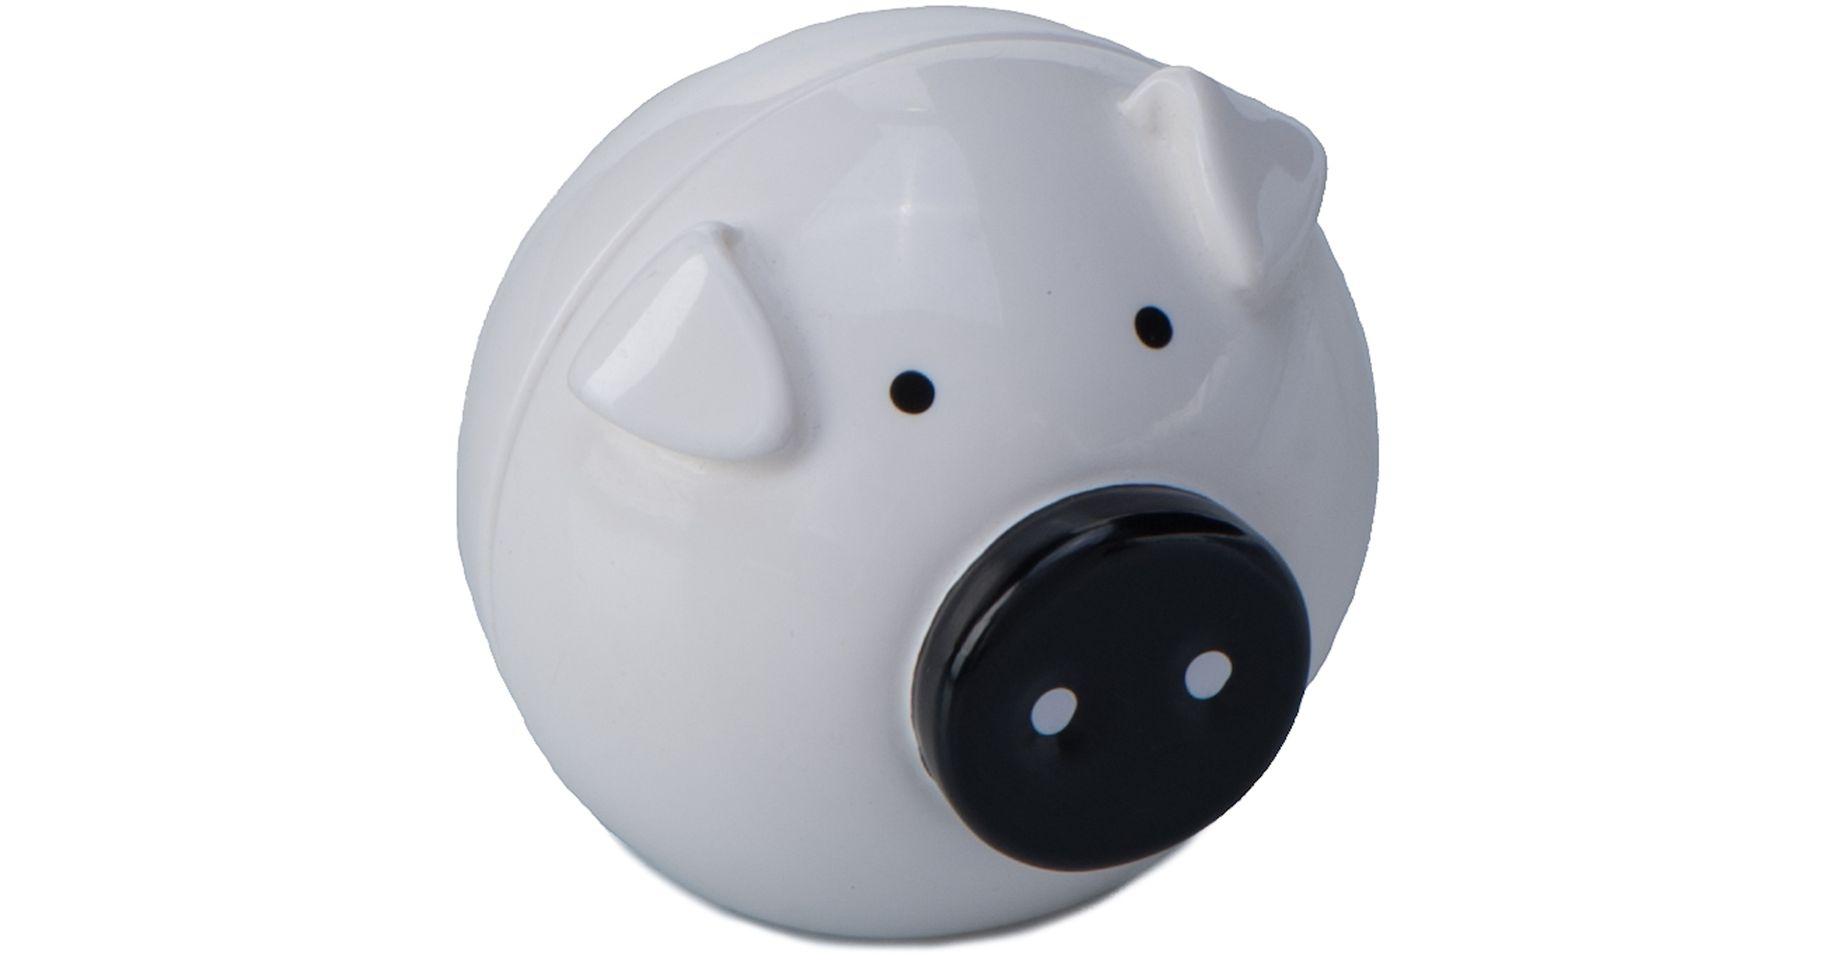 010408006_010_2-APOIO-DE-CARTAS-PORKY-PIG